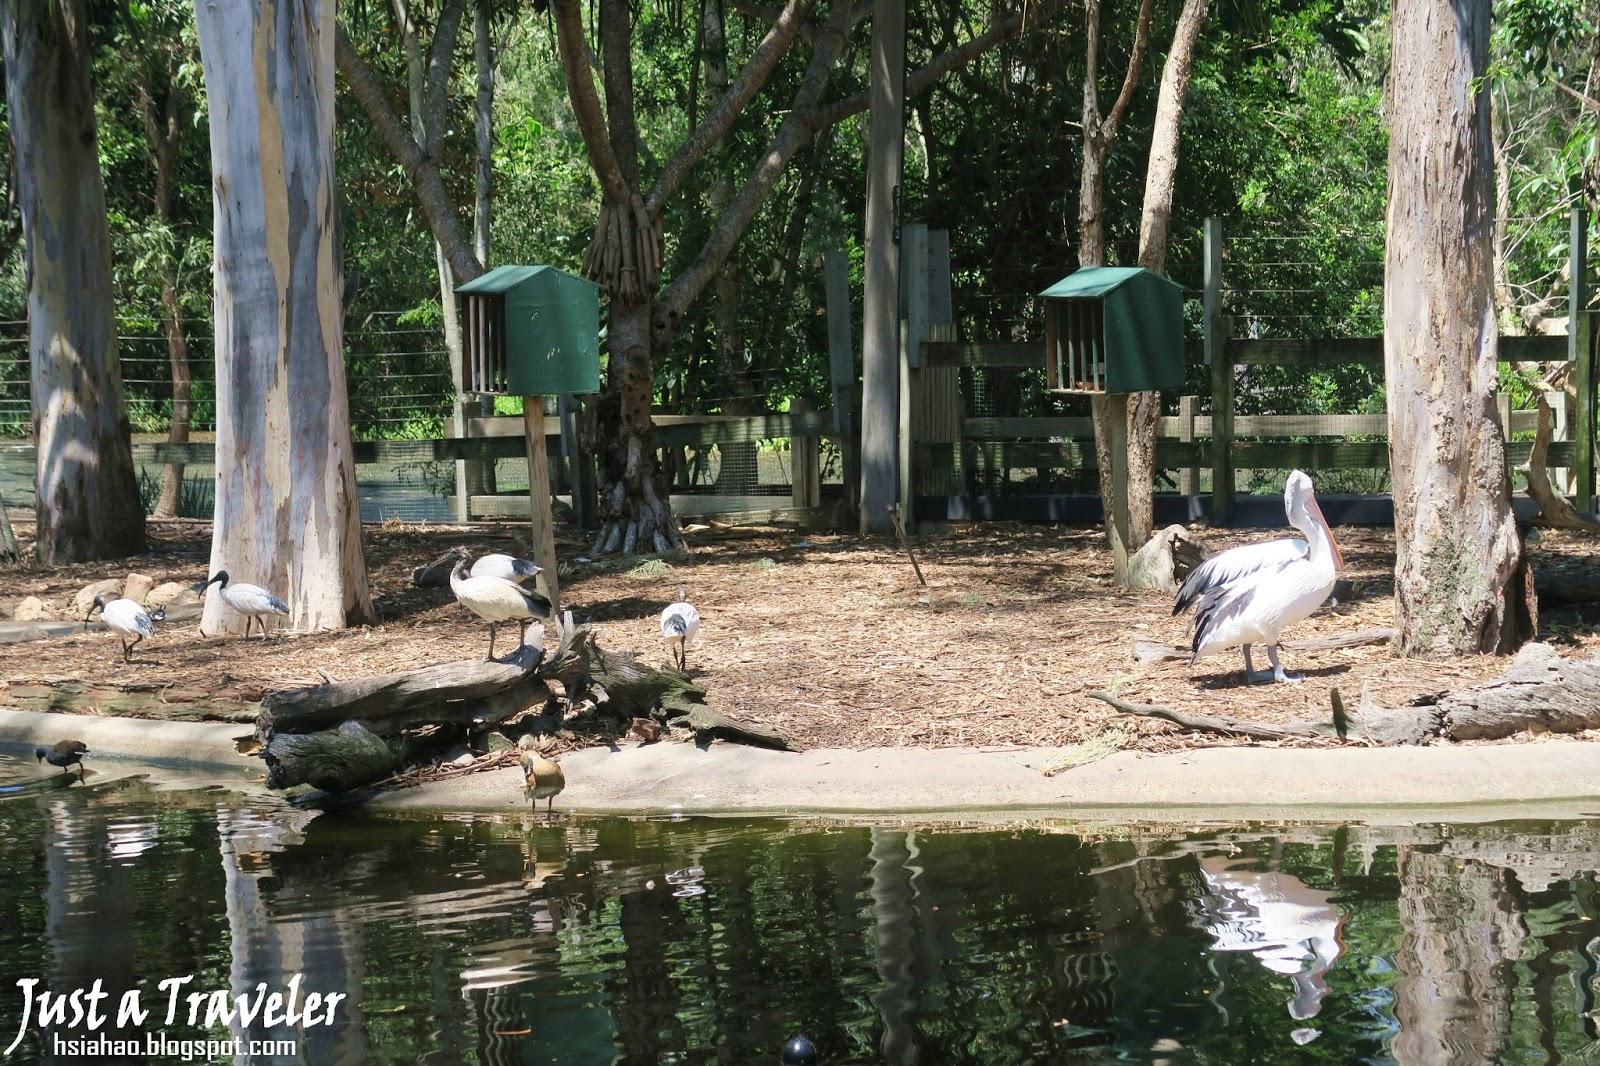 黃金海岸-景點-推薦-夢幻世界-Dream-World-動物園-套票-旅遊-自由行-澳洲-Gold-Coast-theme-park-Australia